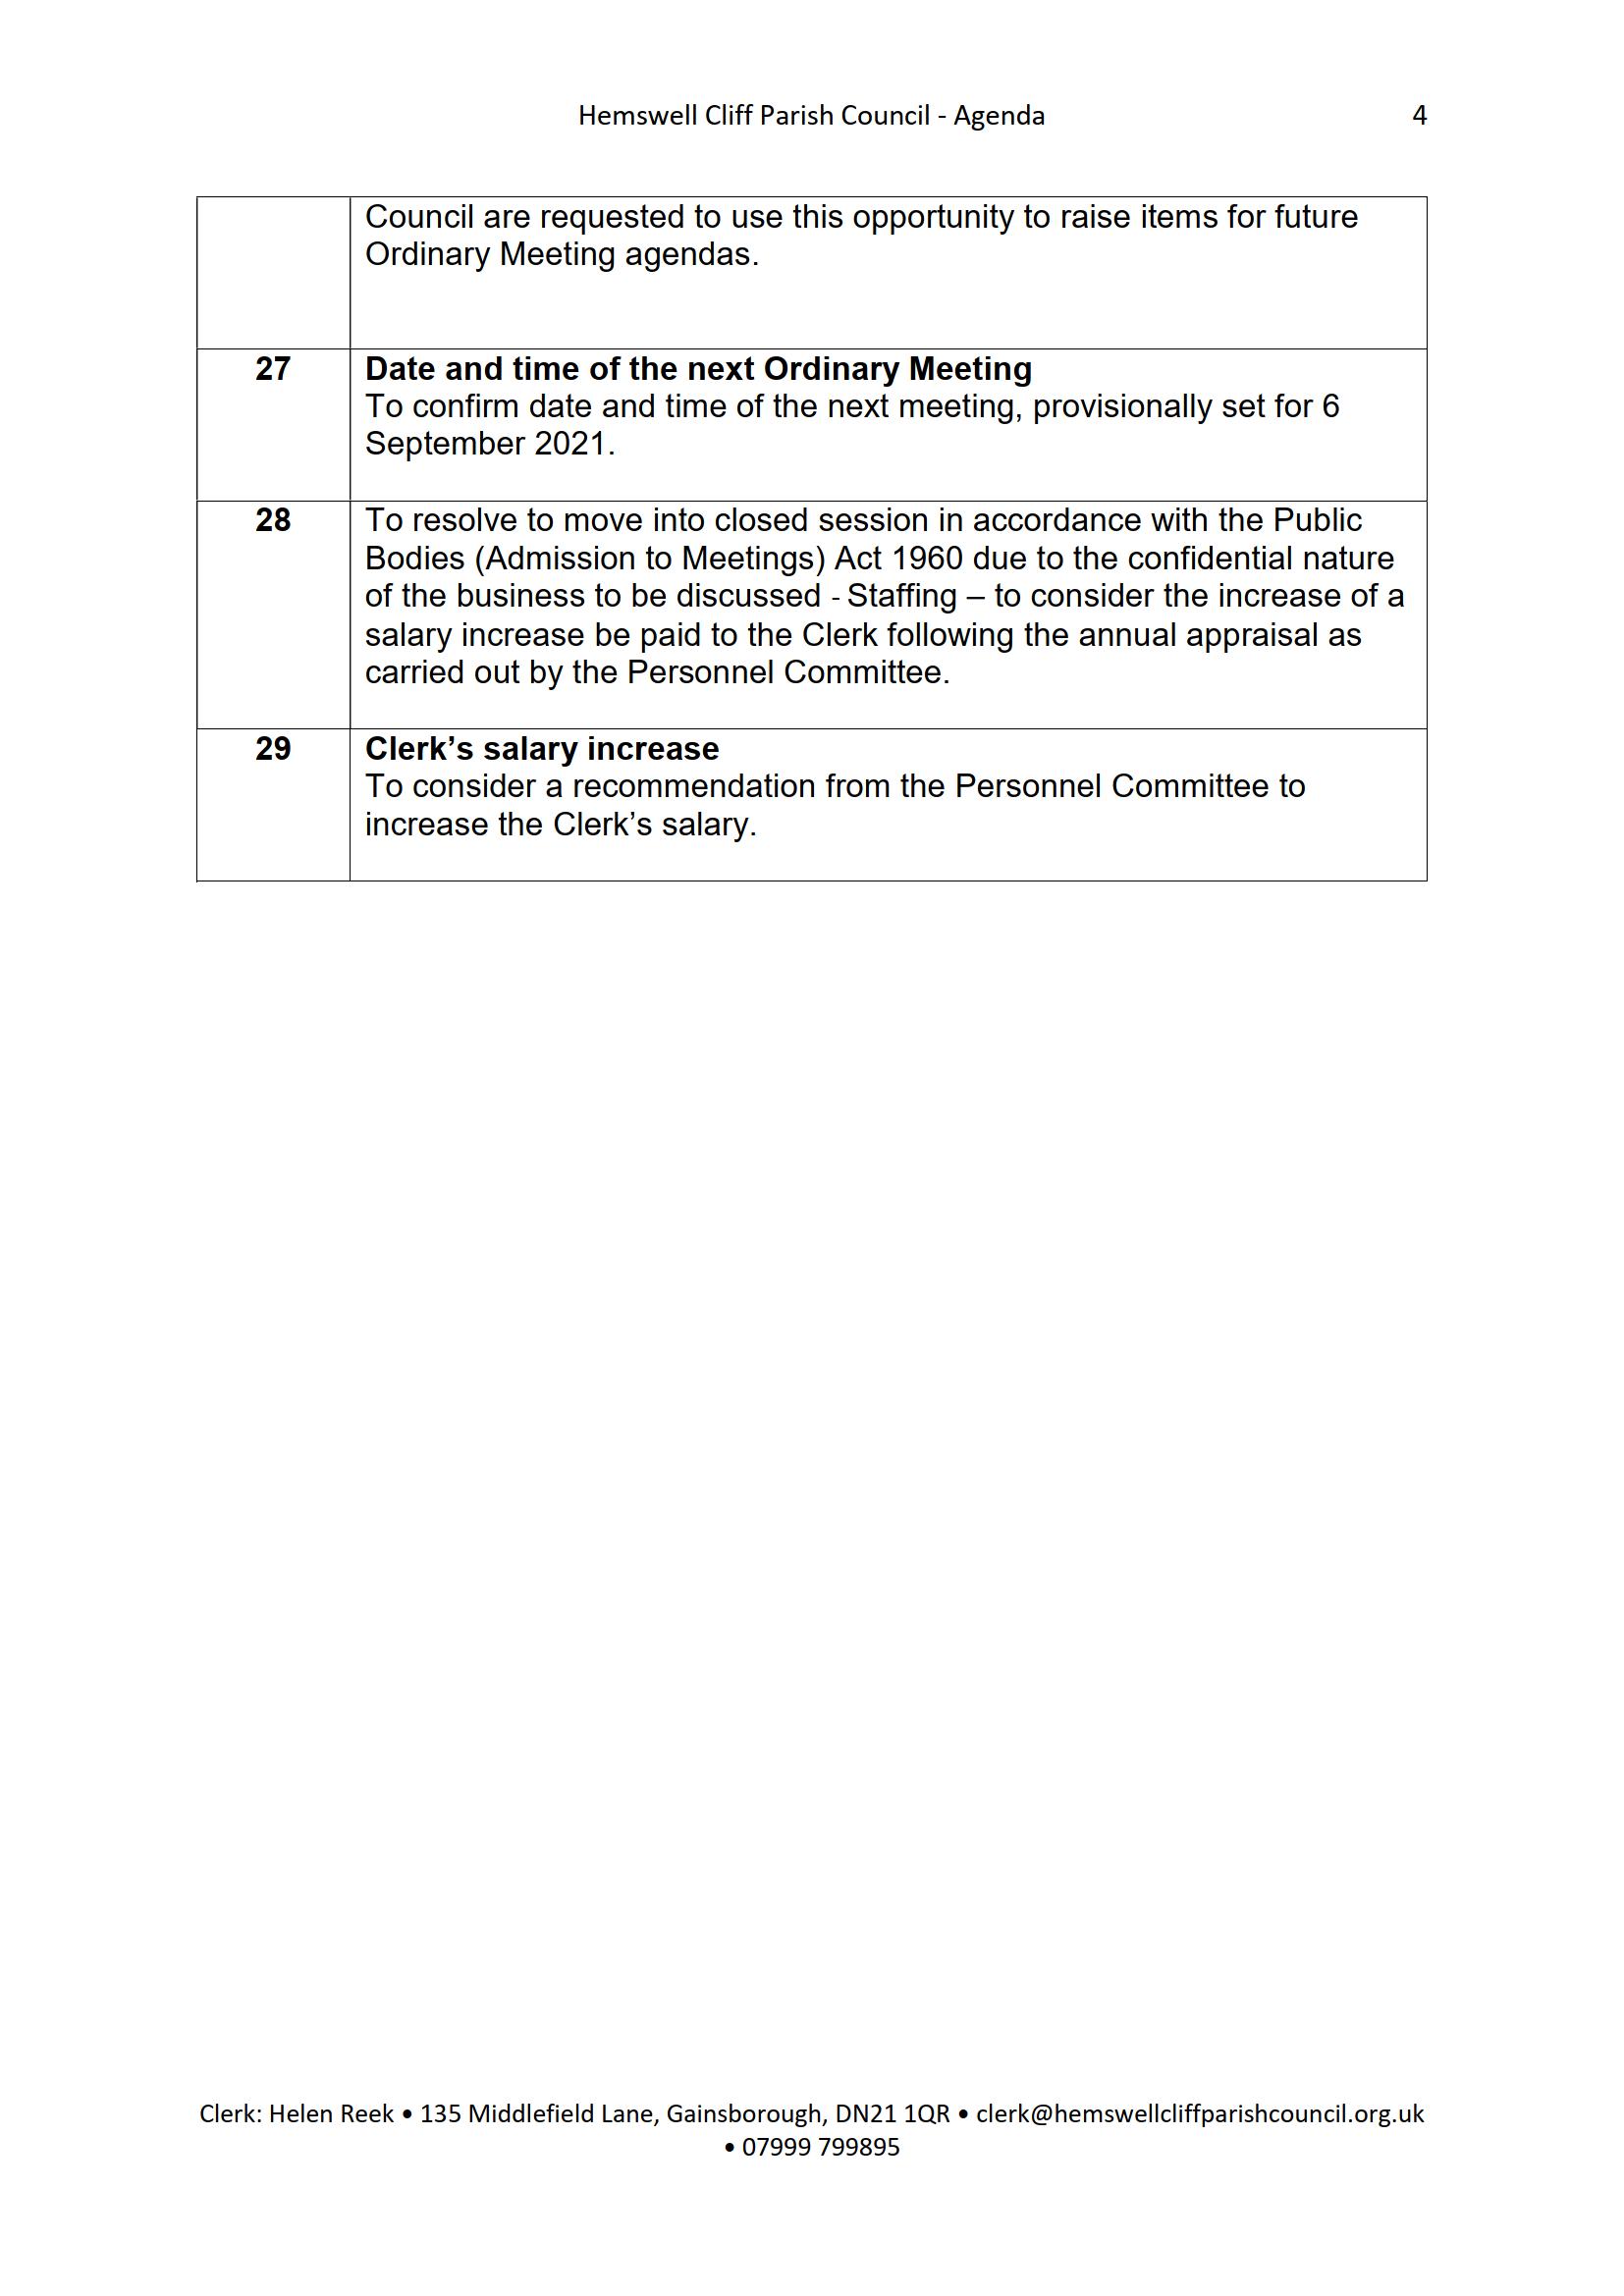 HCPC_Agenda_05.07.21_4.png